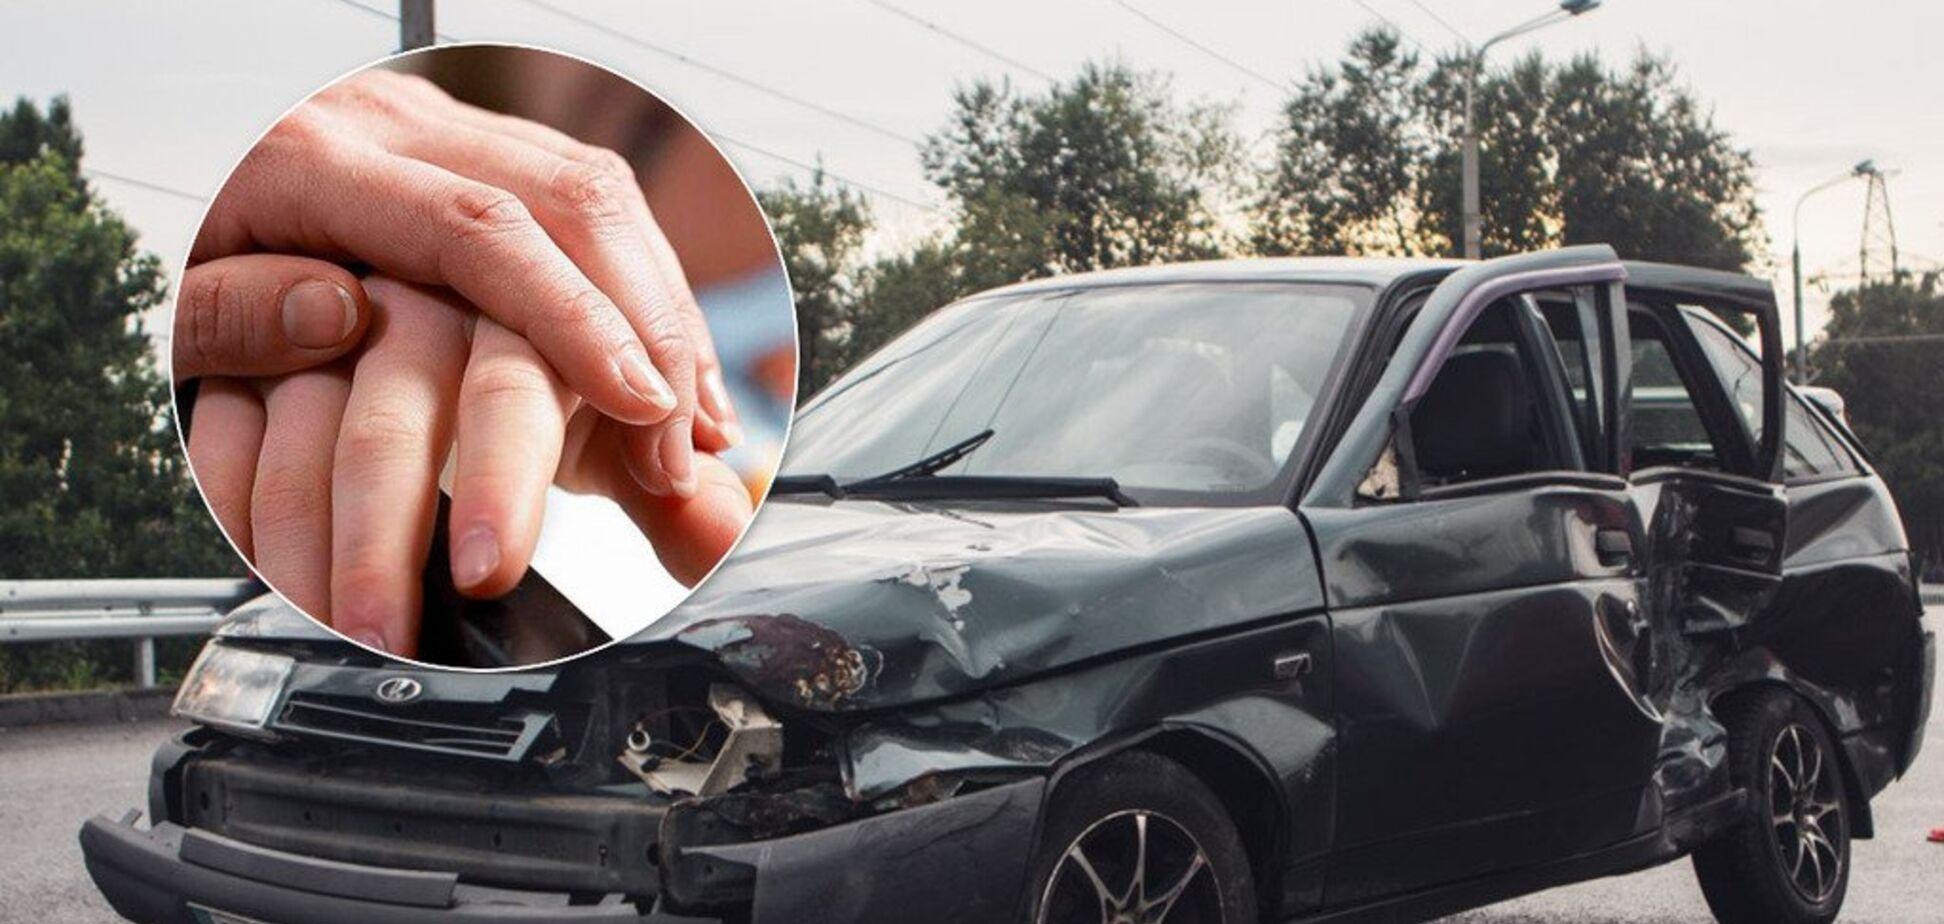 Масштабне ДТП в Дніпрі: в лікарні померла 39-річна пасажирка